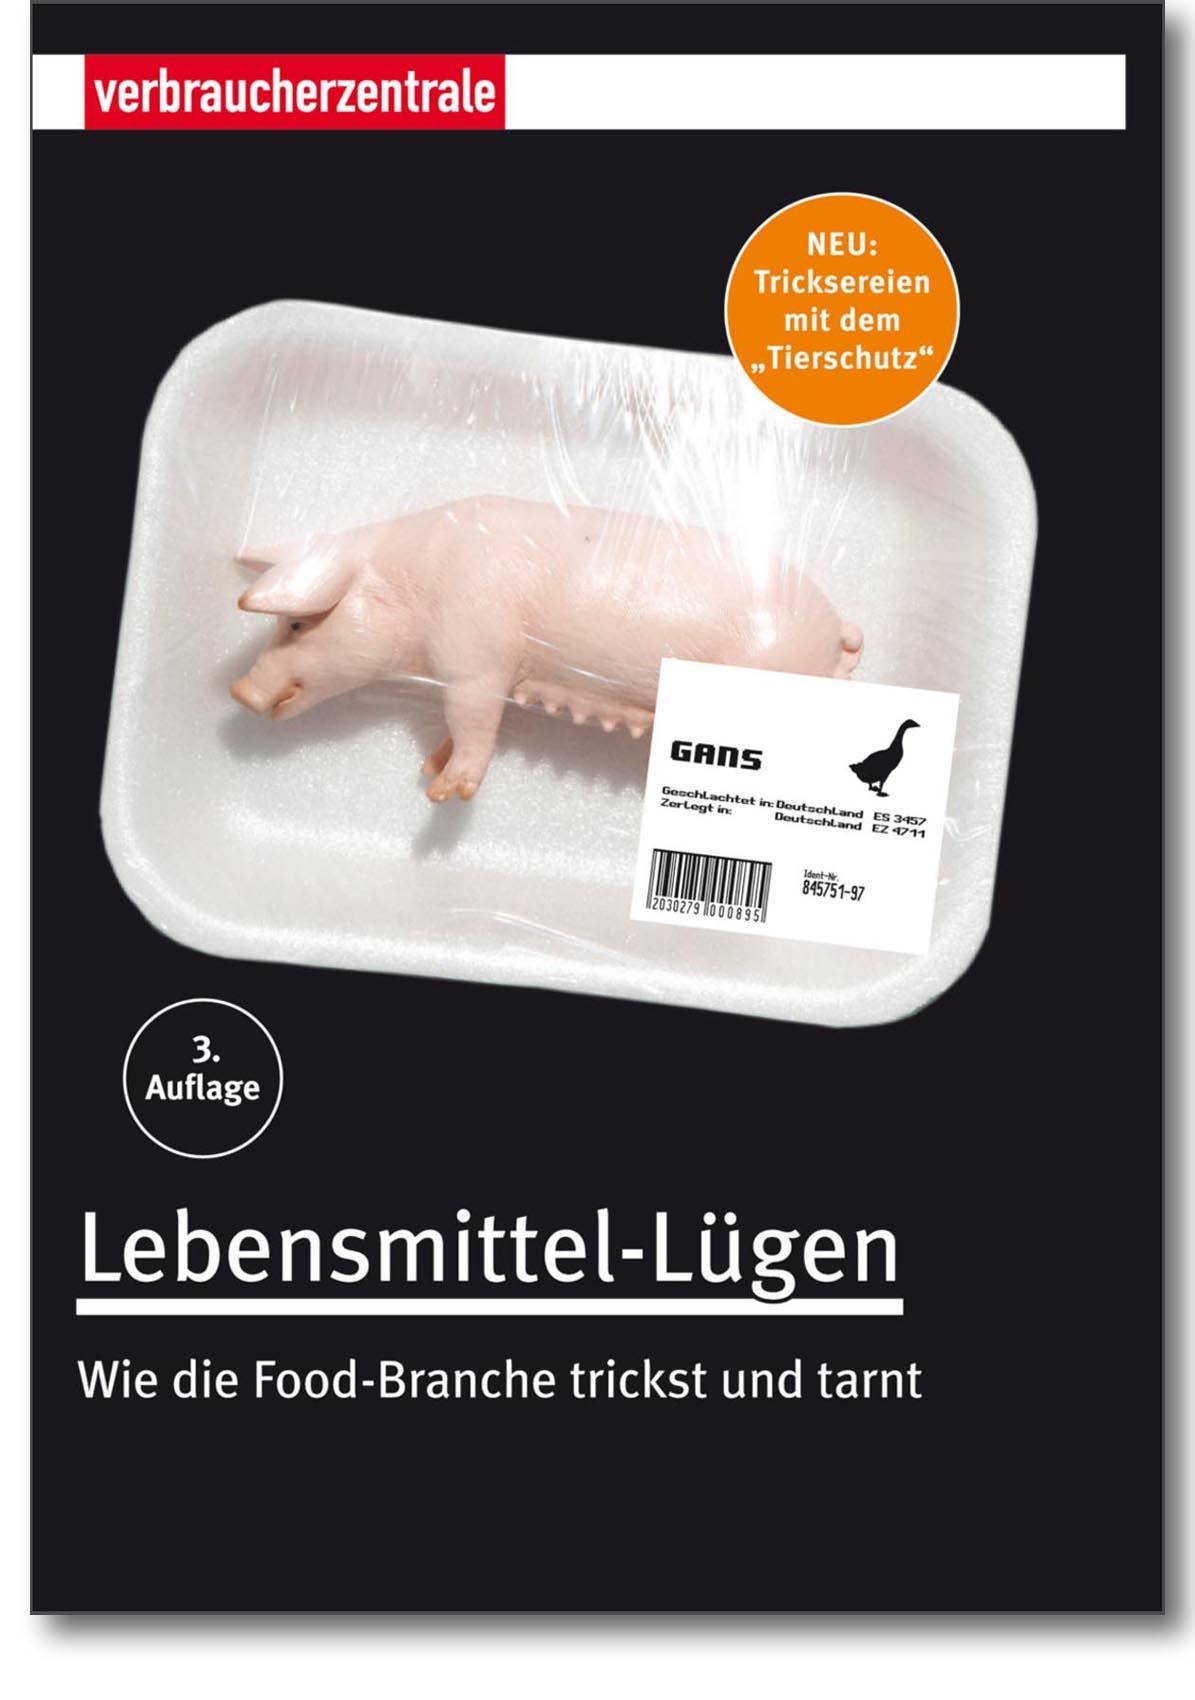 Buch - Lebensmittel-Lügen - Verbraucherzentrale Hamburg